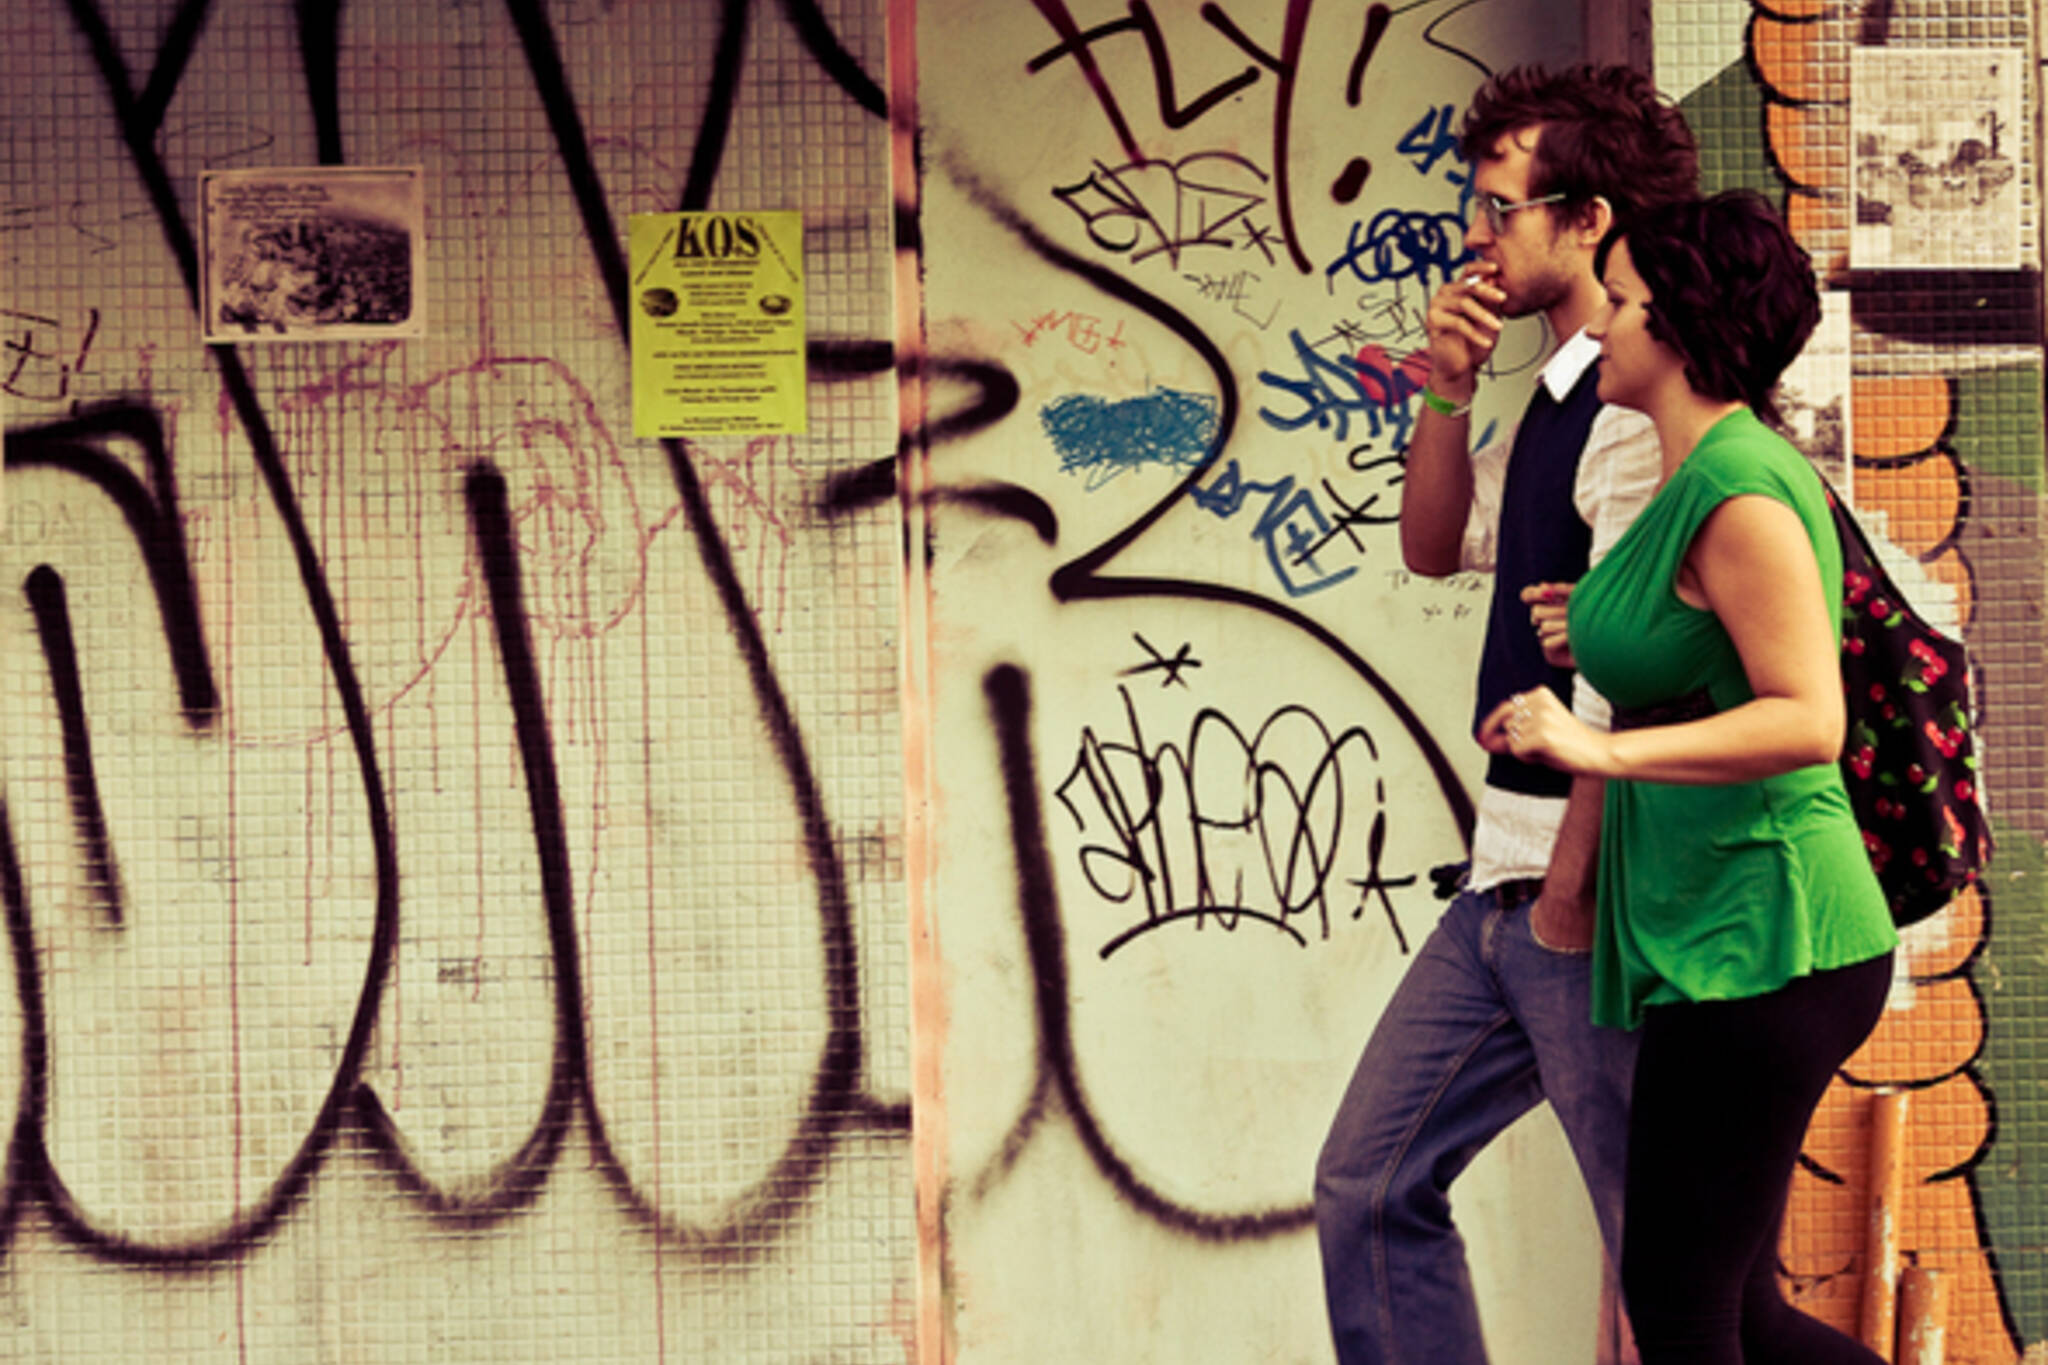 Toronto Smoker